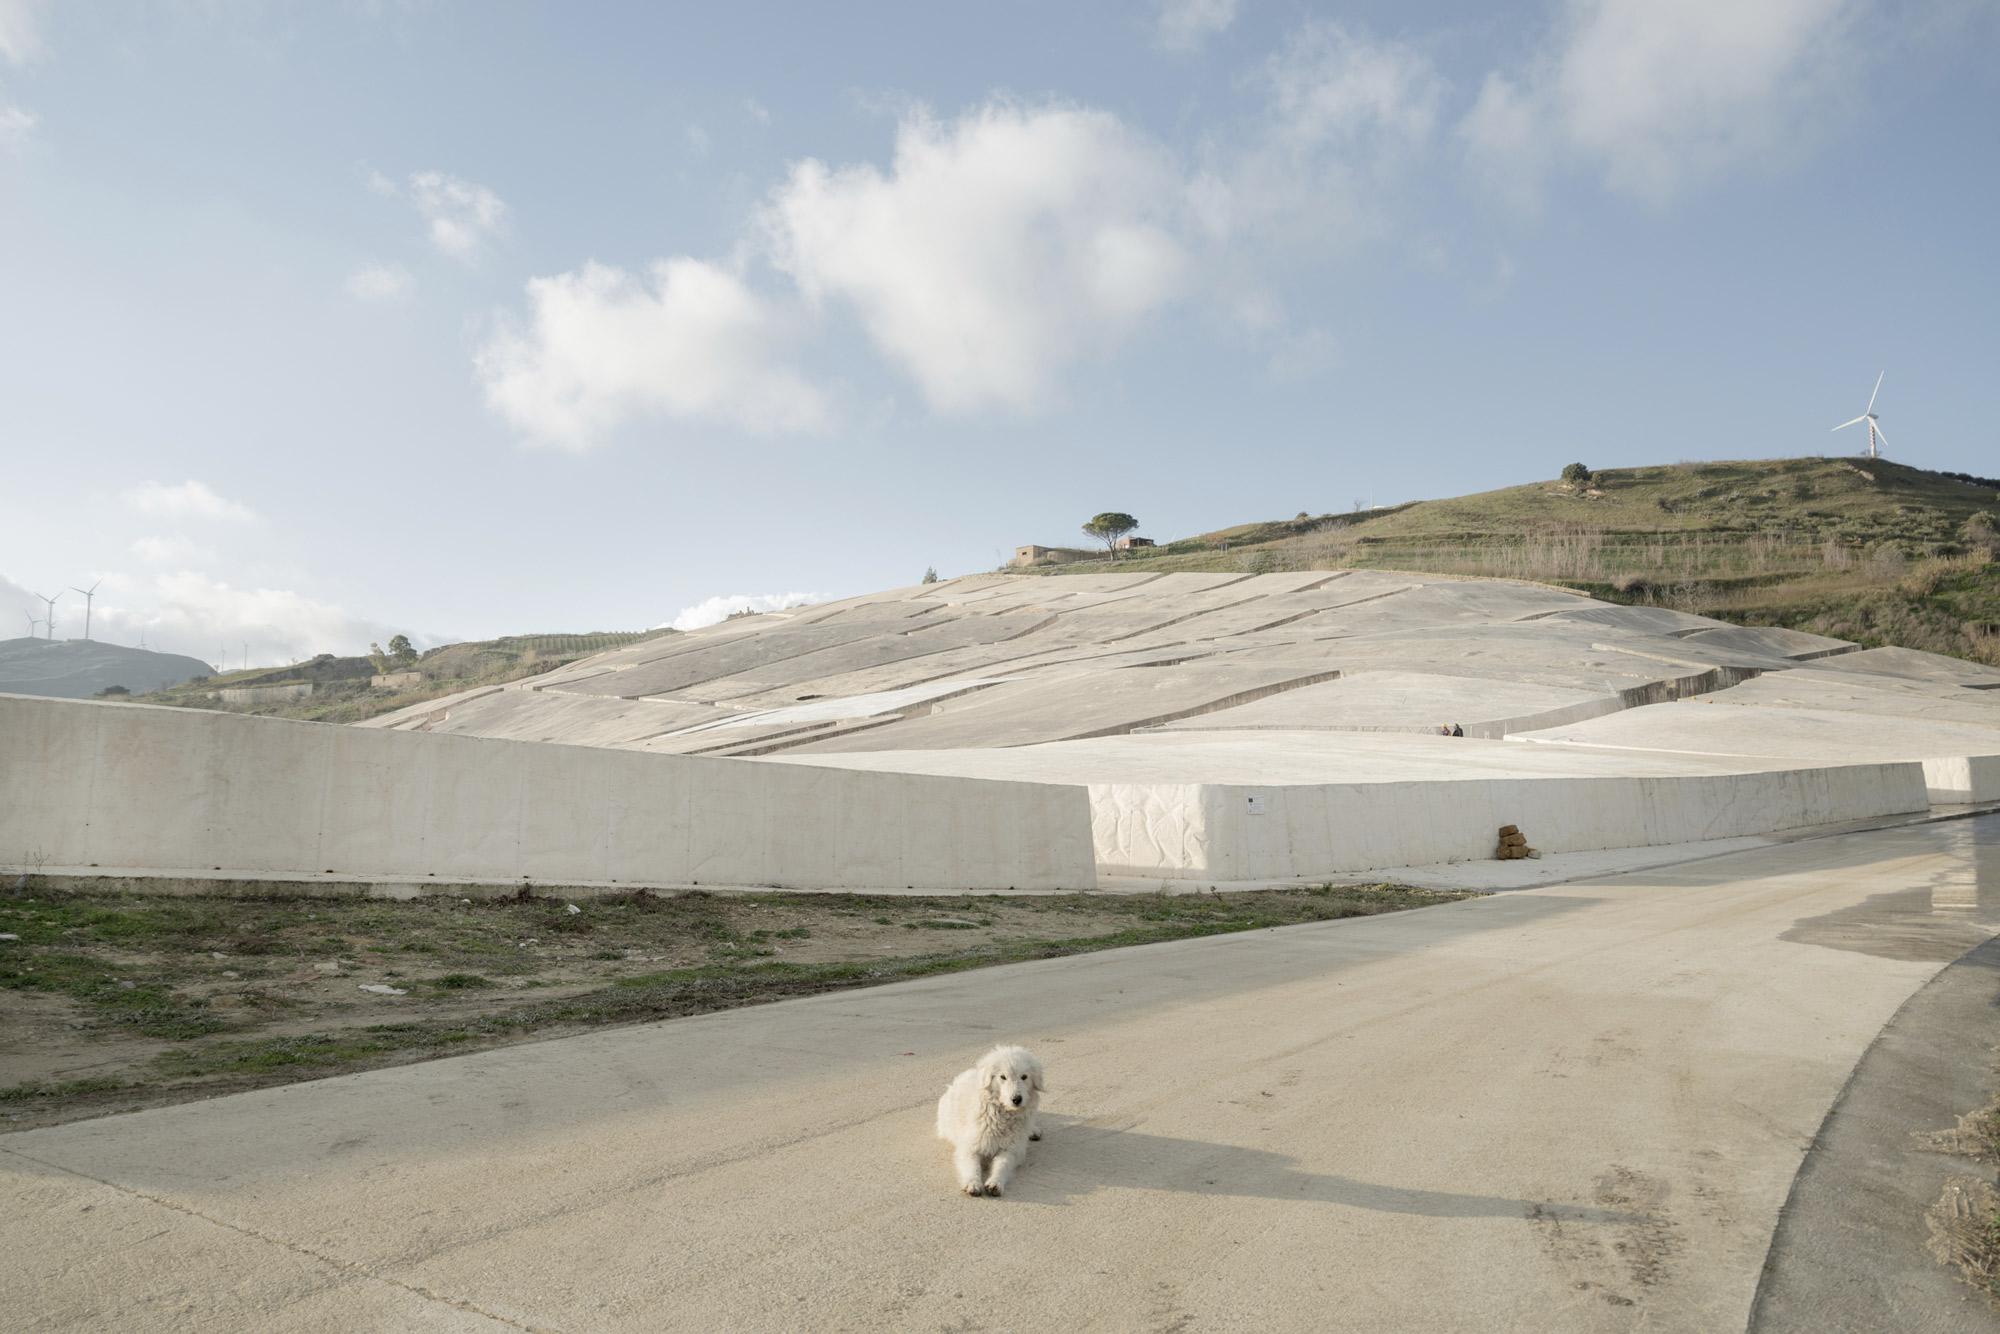 Belice: Burri's Cretto in Gibellina Vecchia © Urban Reports